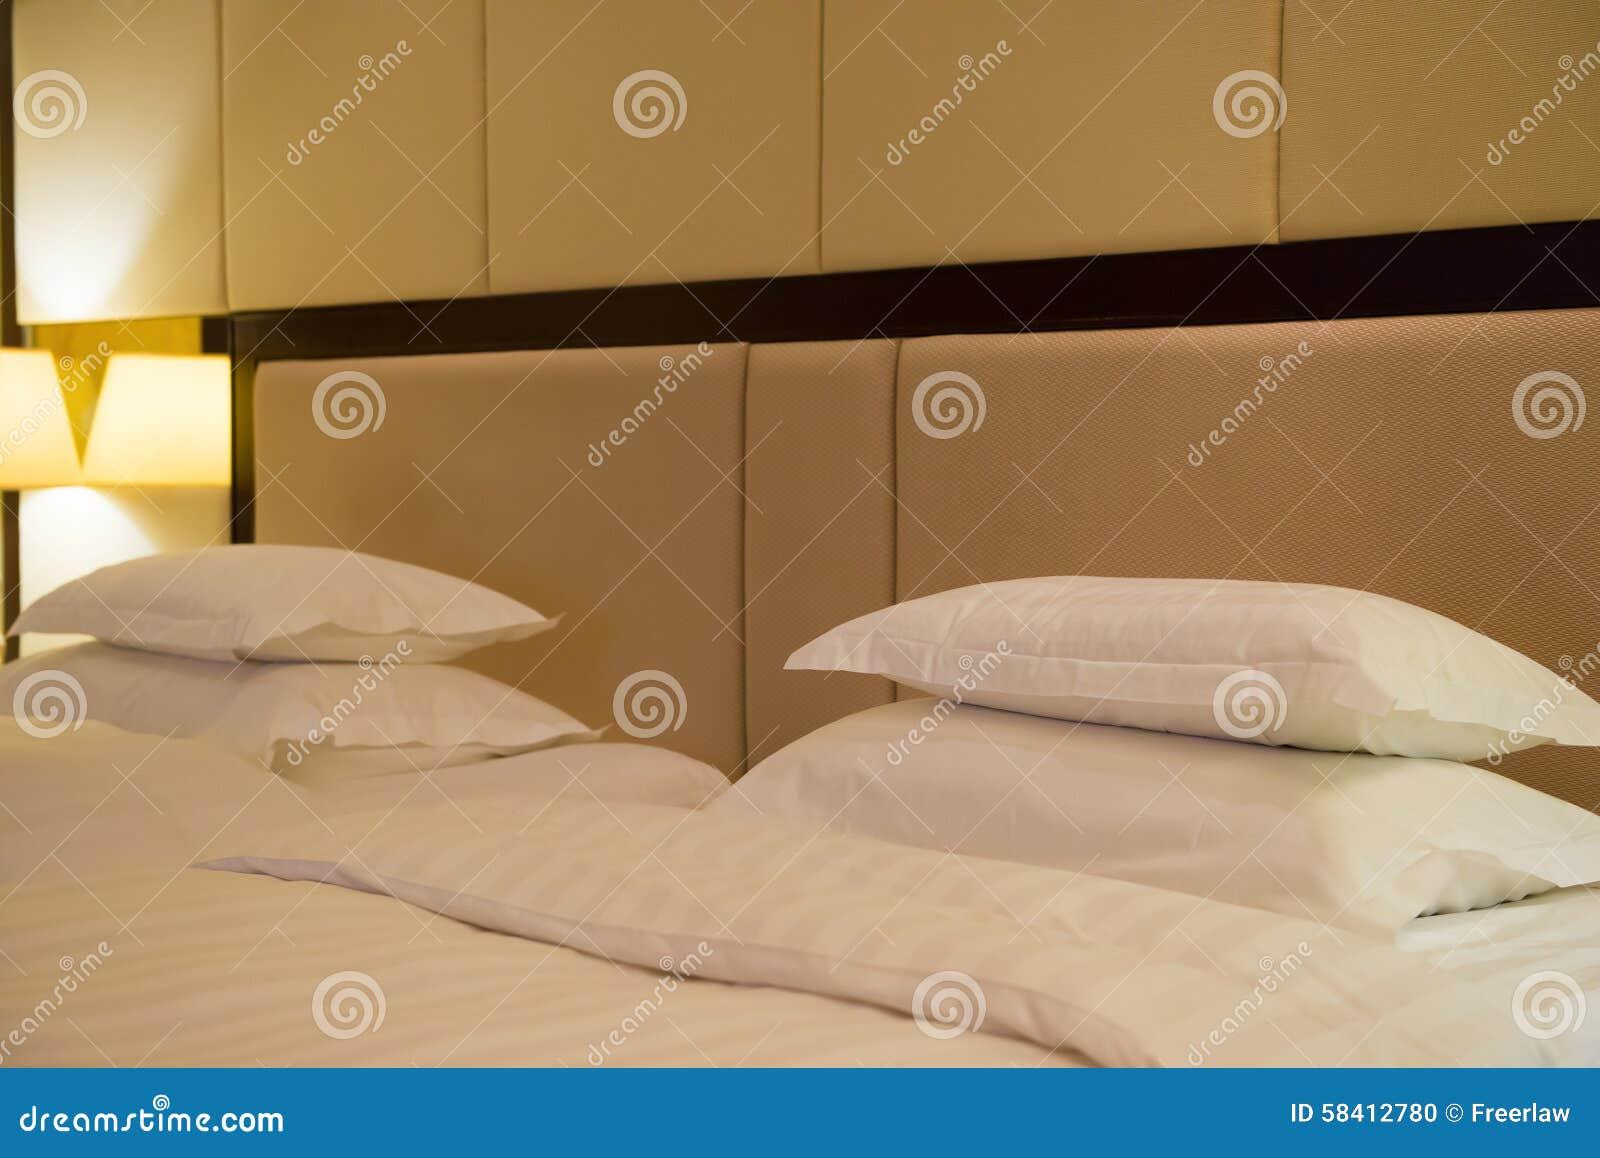 Vista lateral de dos camas en la habitación